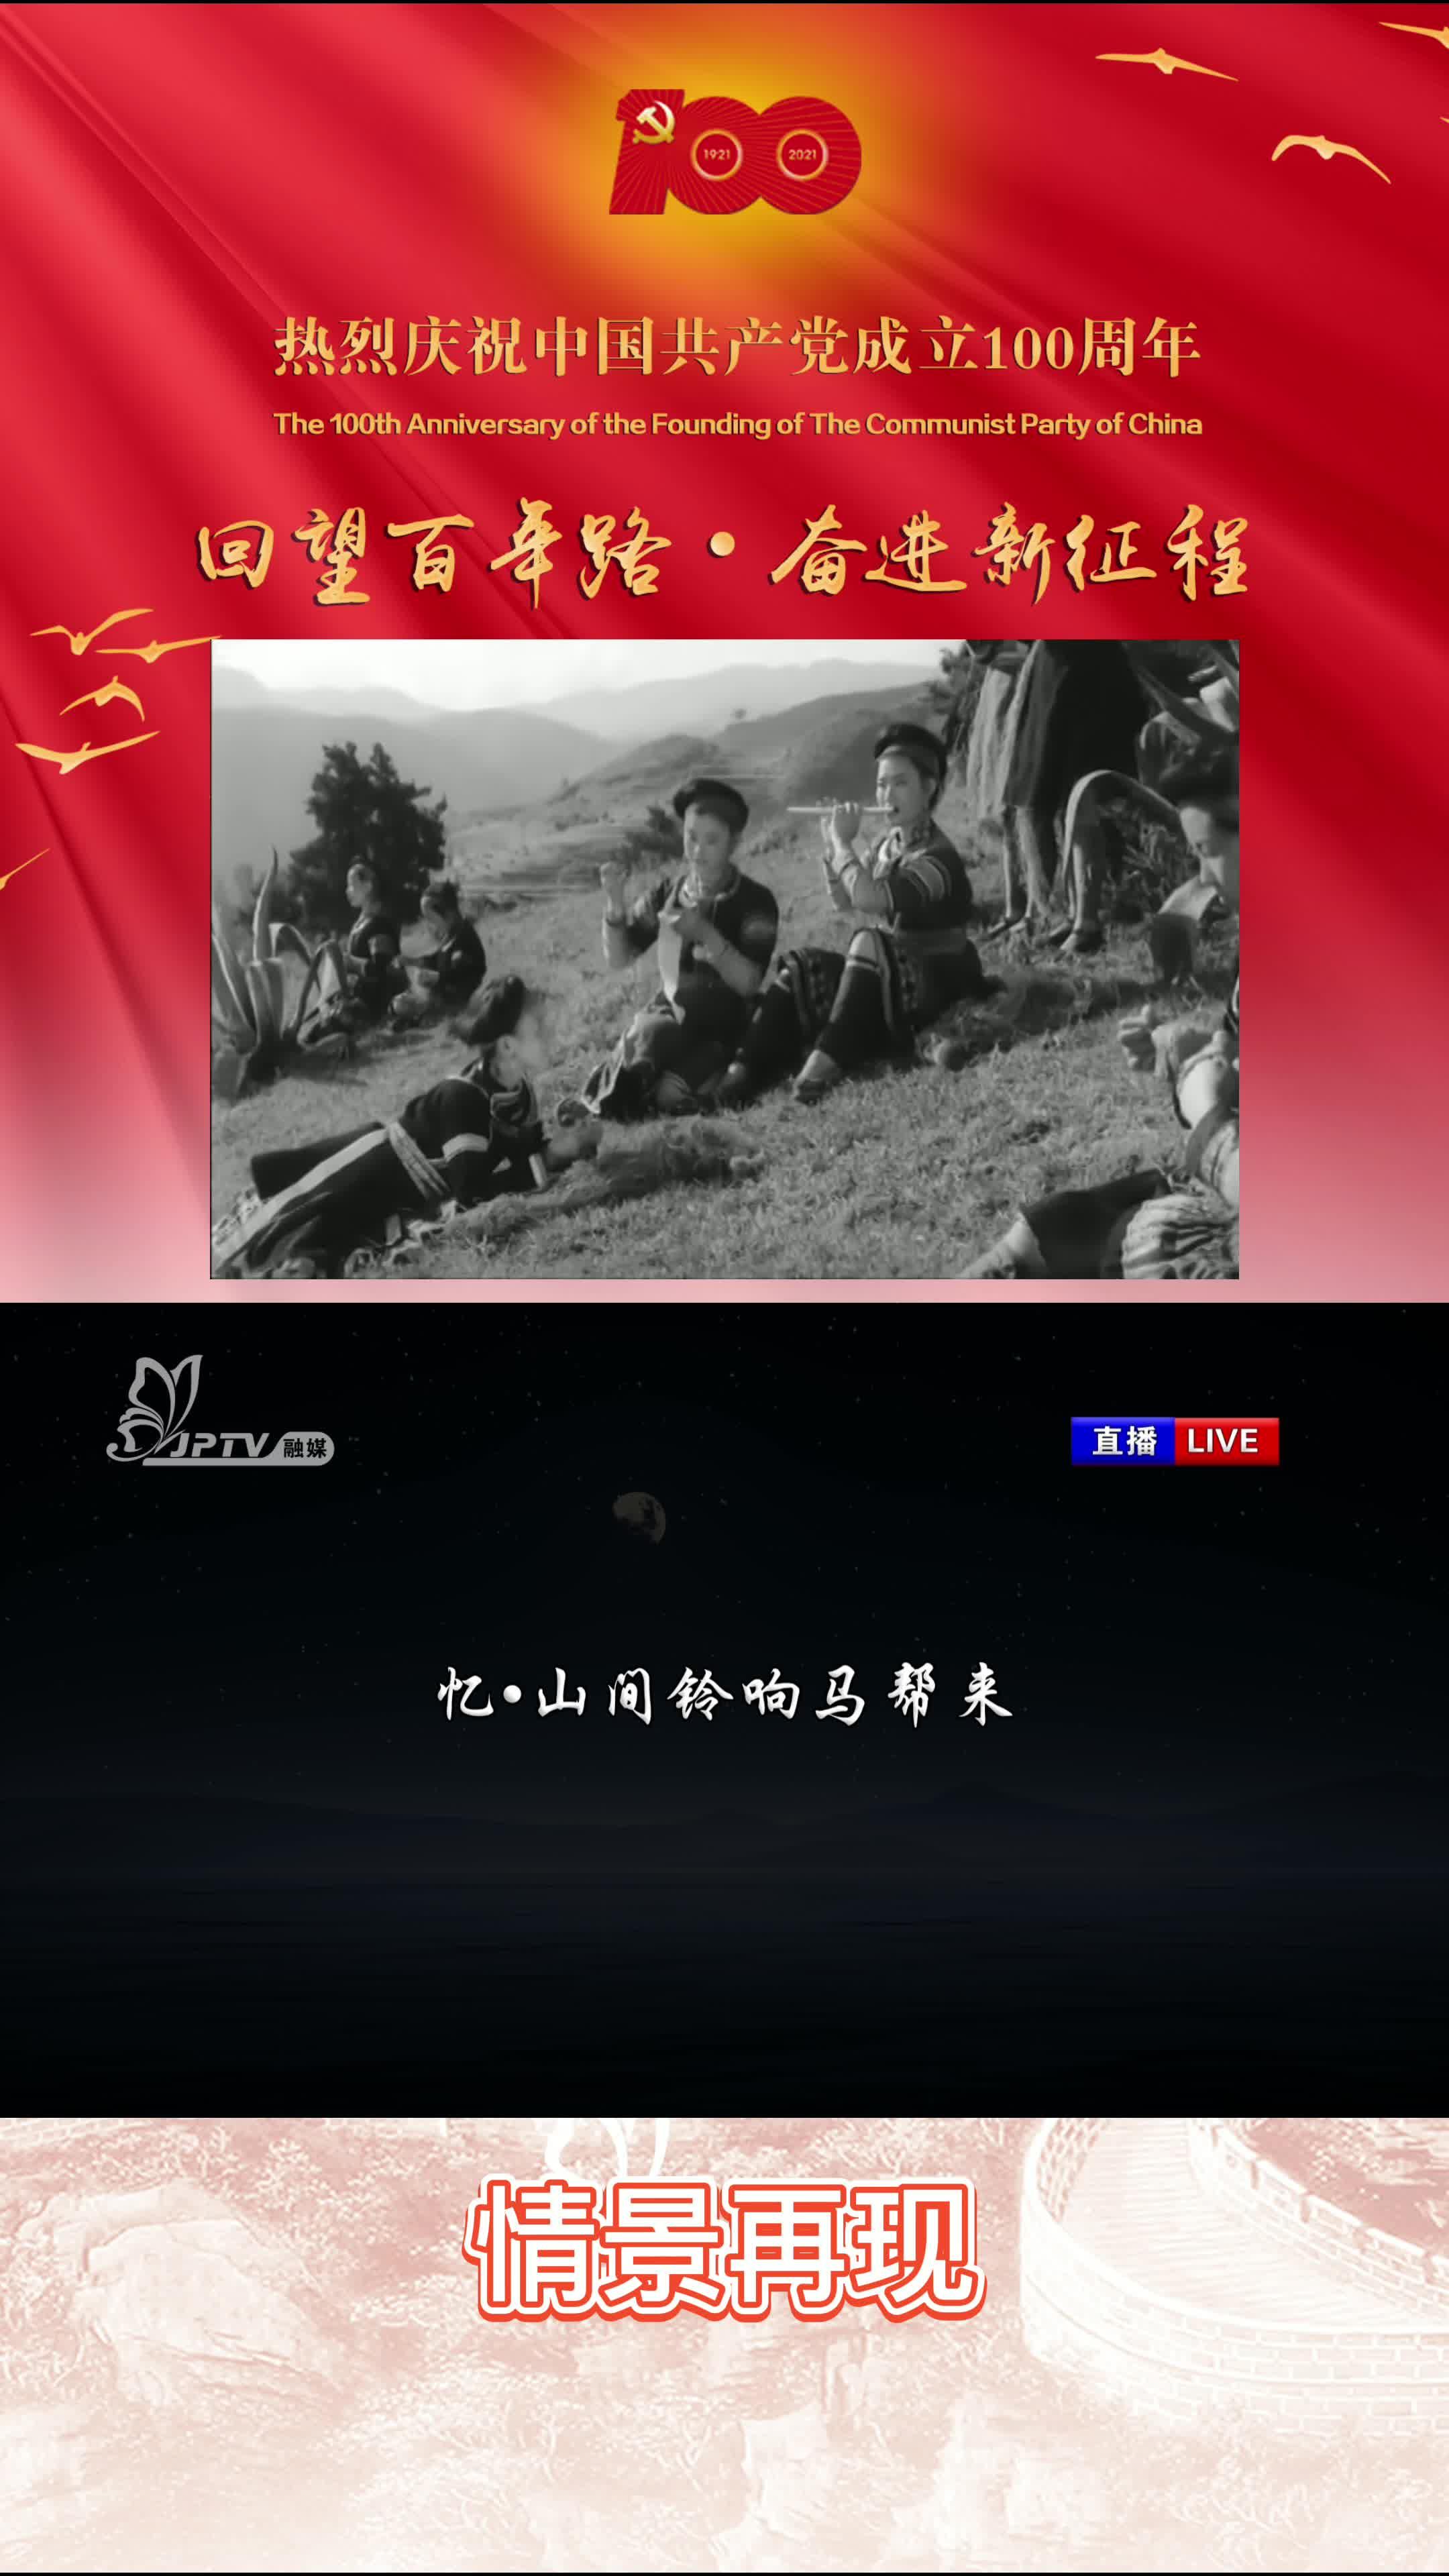 【回望百年•路奋进新征程】《山间铃响马帮来》插曲情景再现(2).mp4